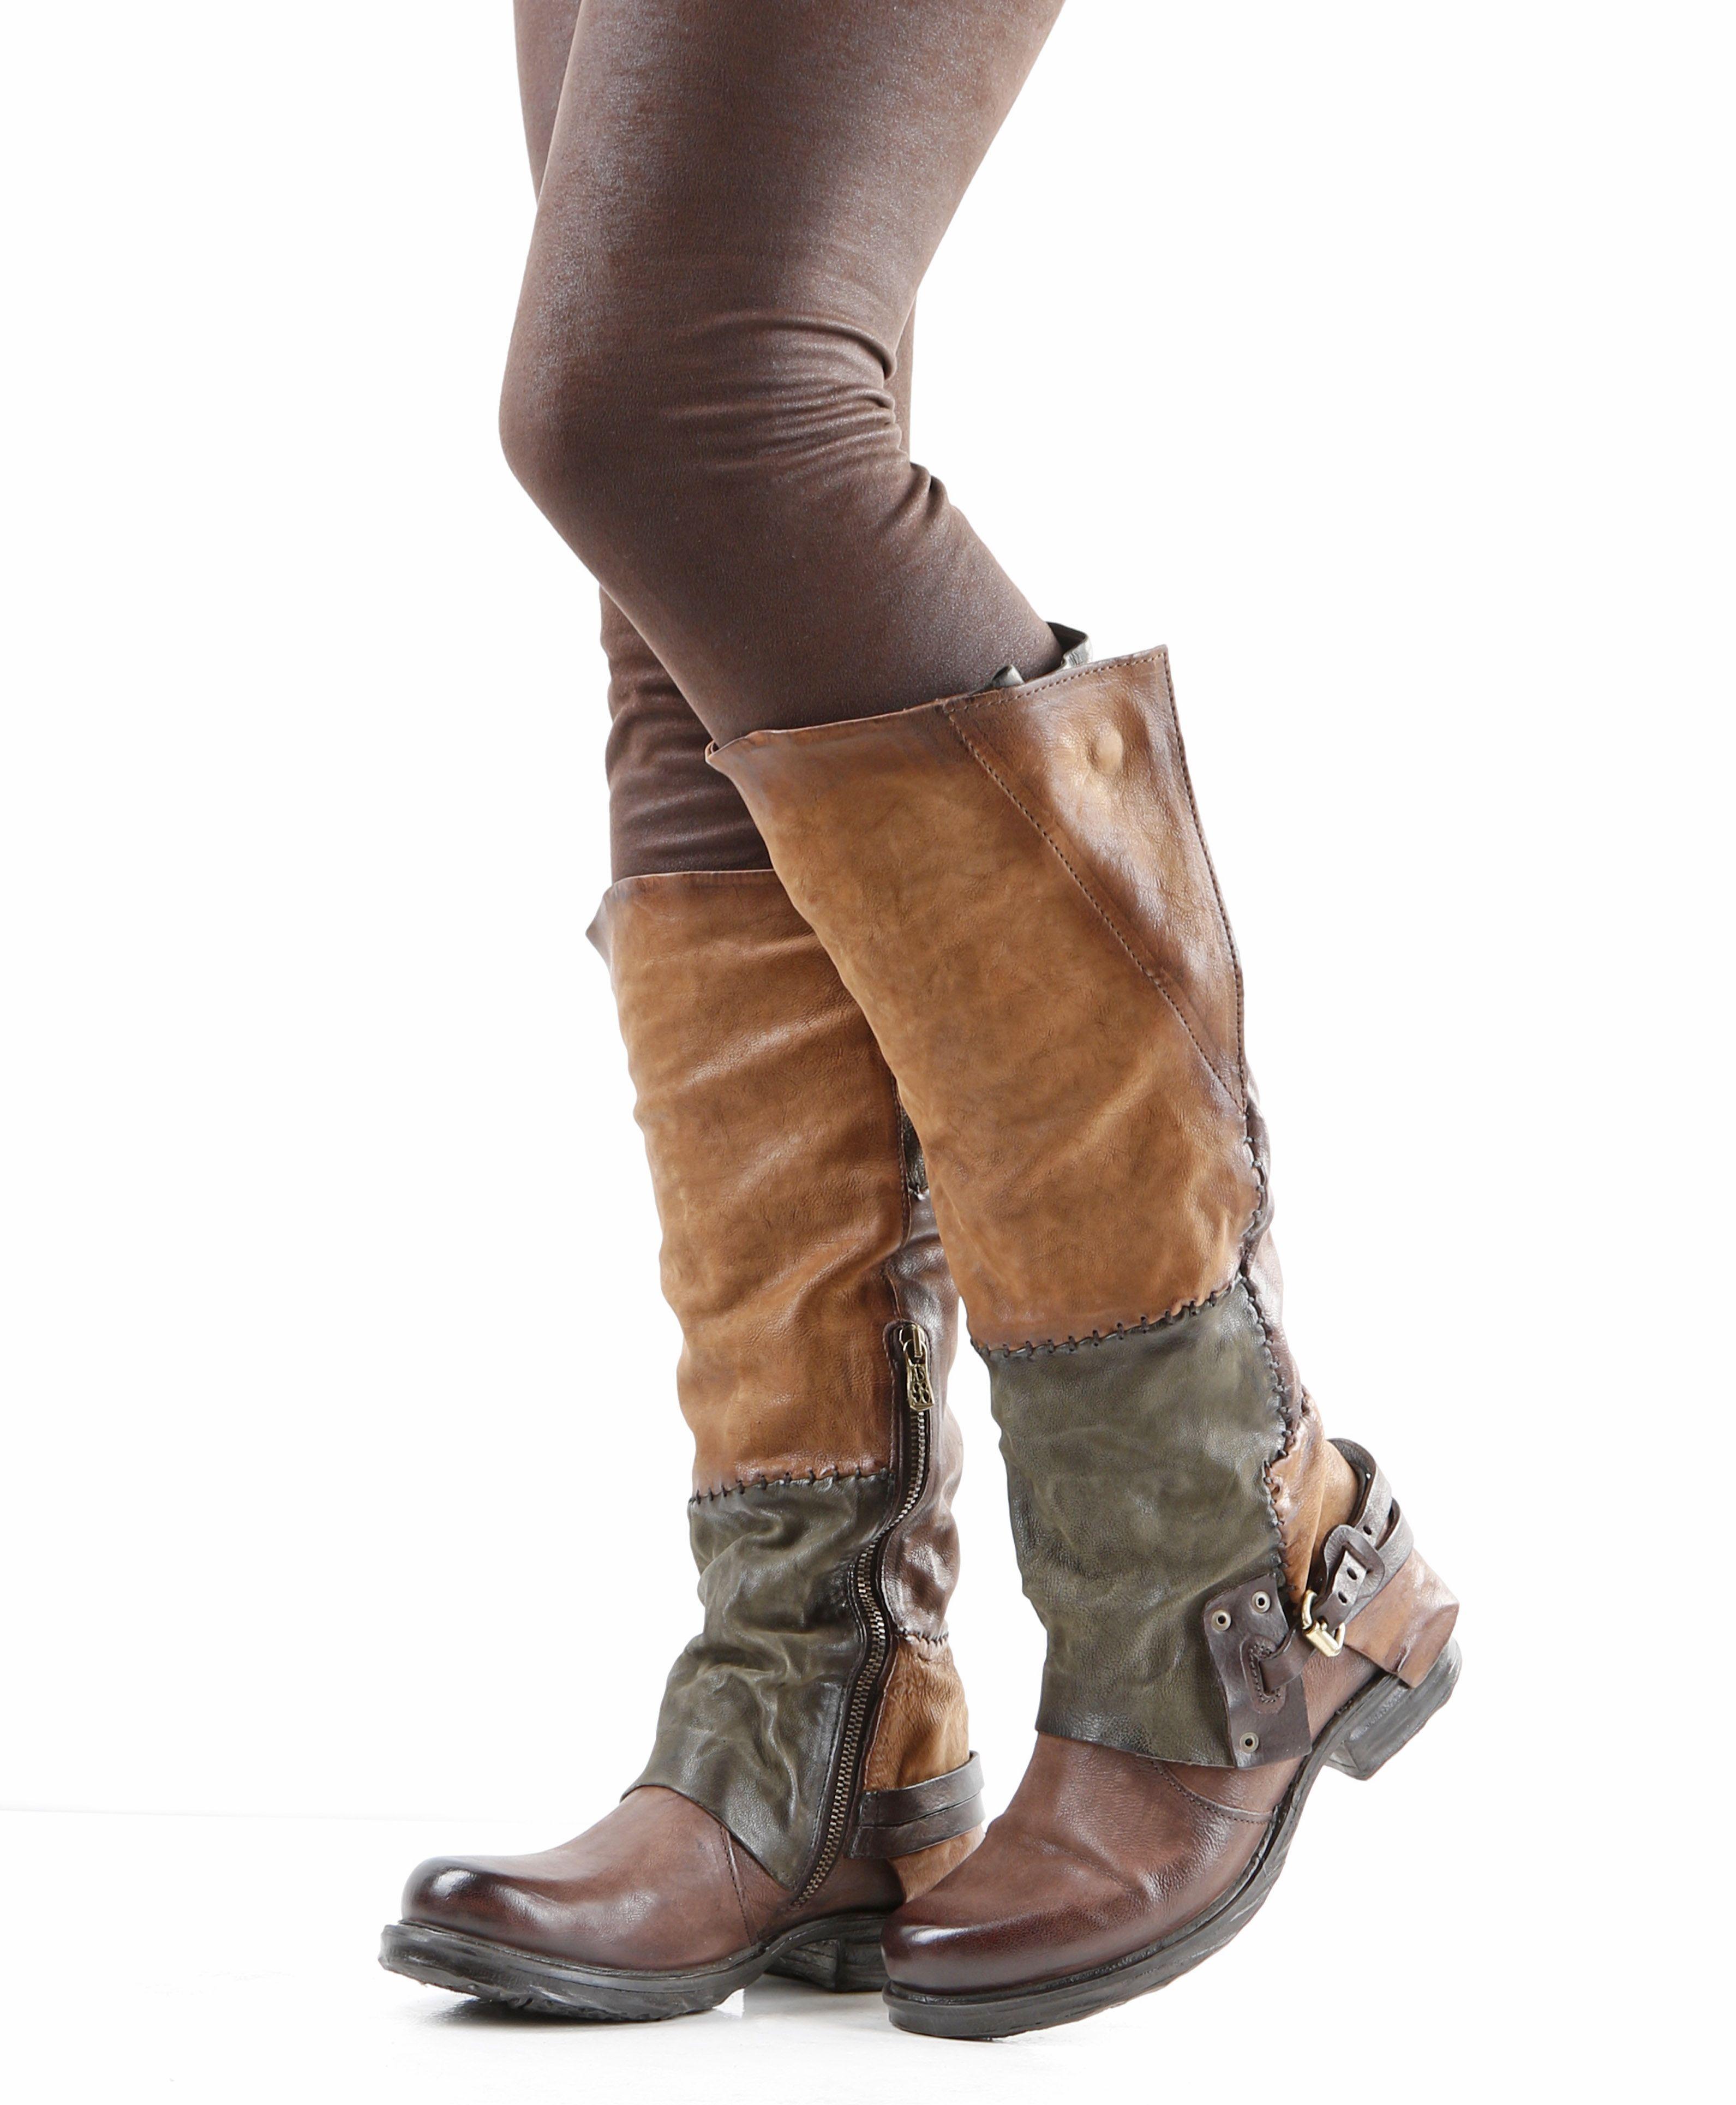 Femme bureau kiss slouch genou bottes noir bottes en cuir-afficher le titre d'origine